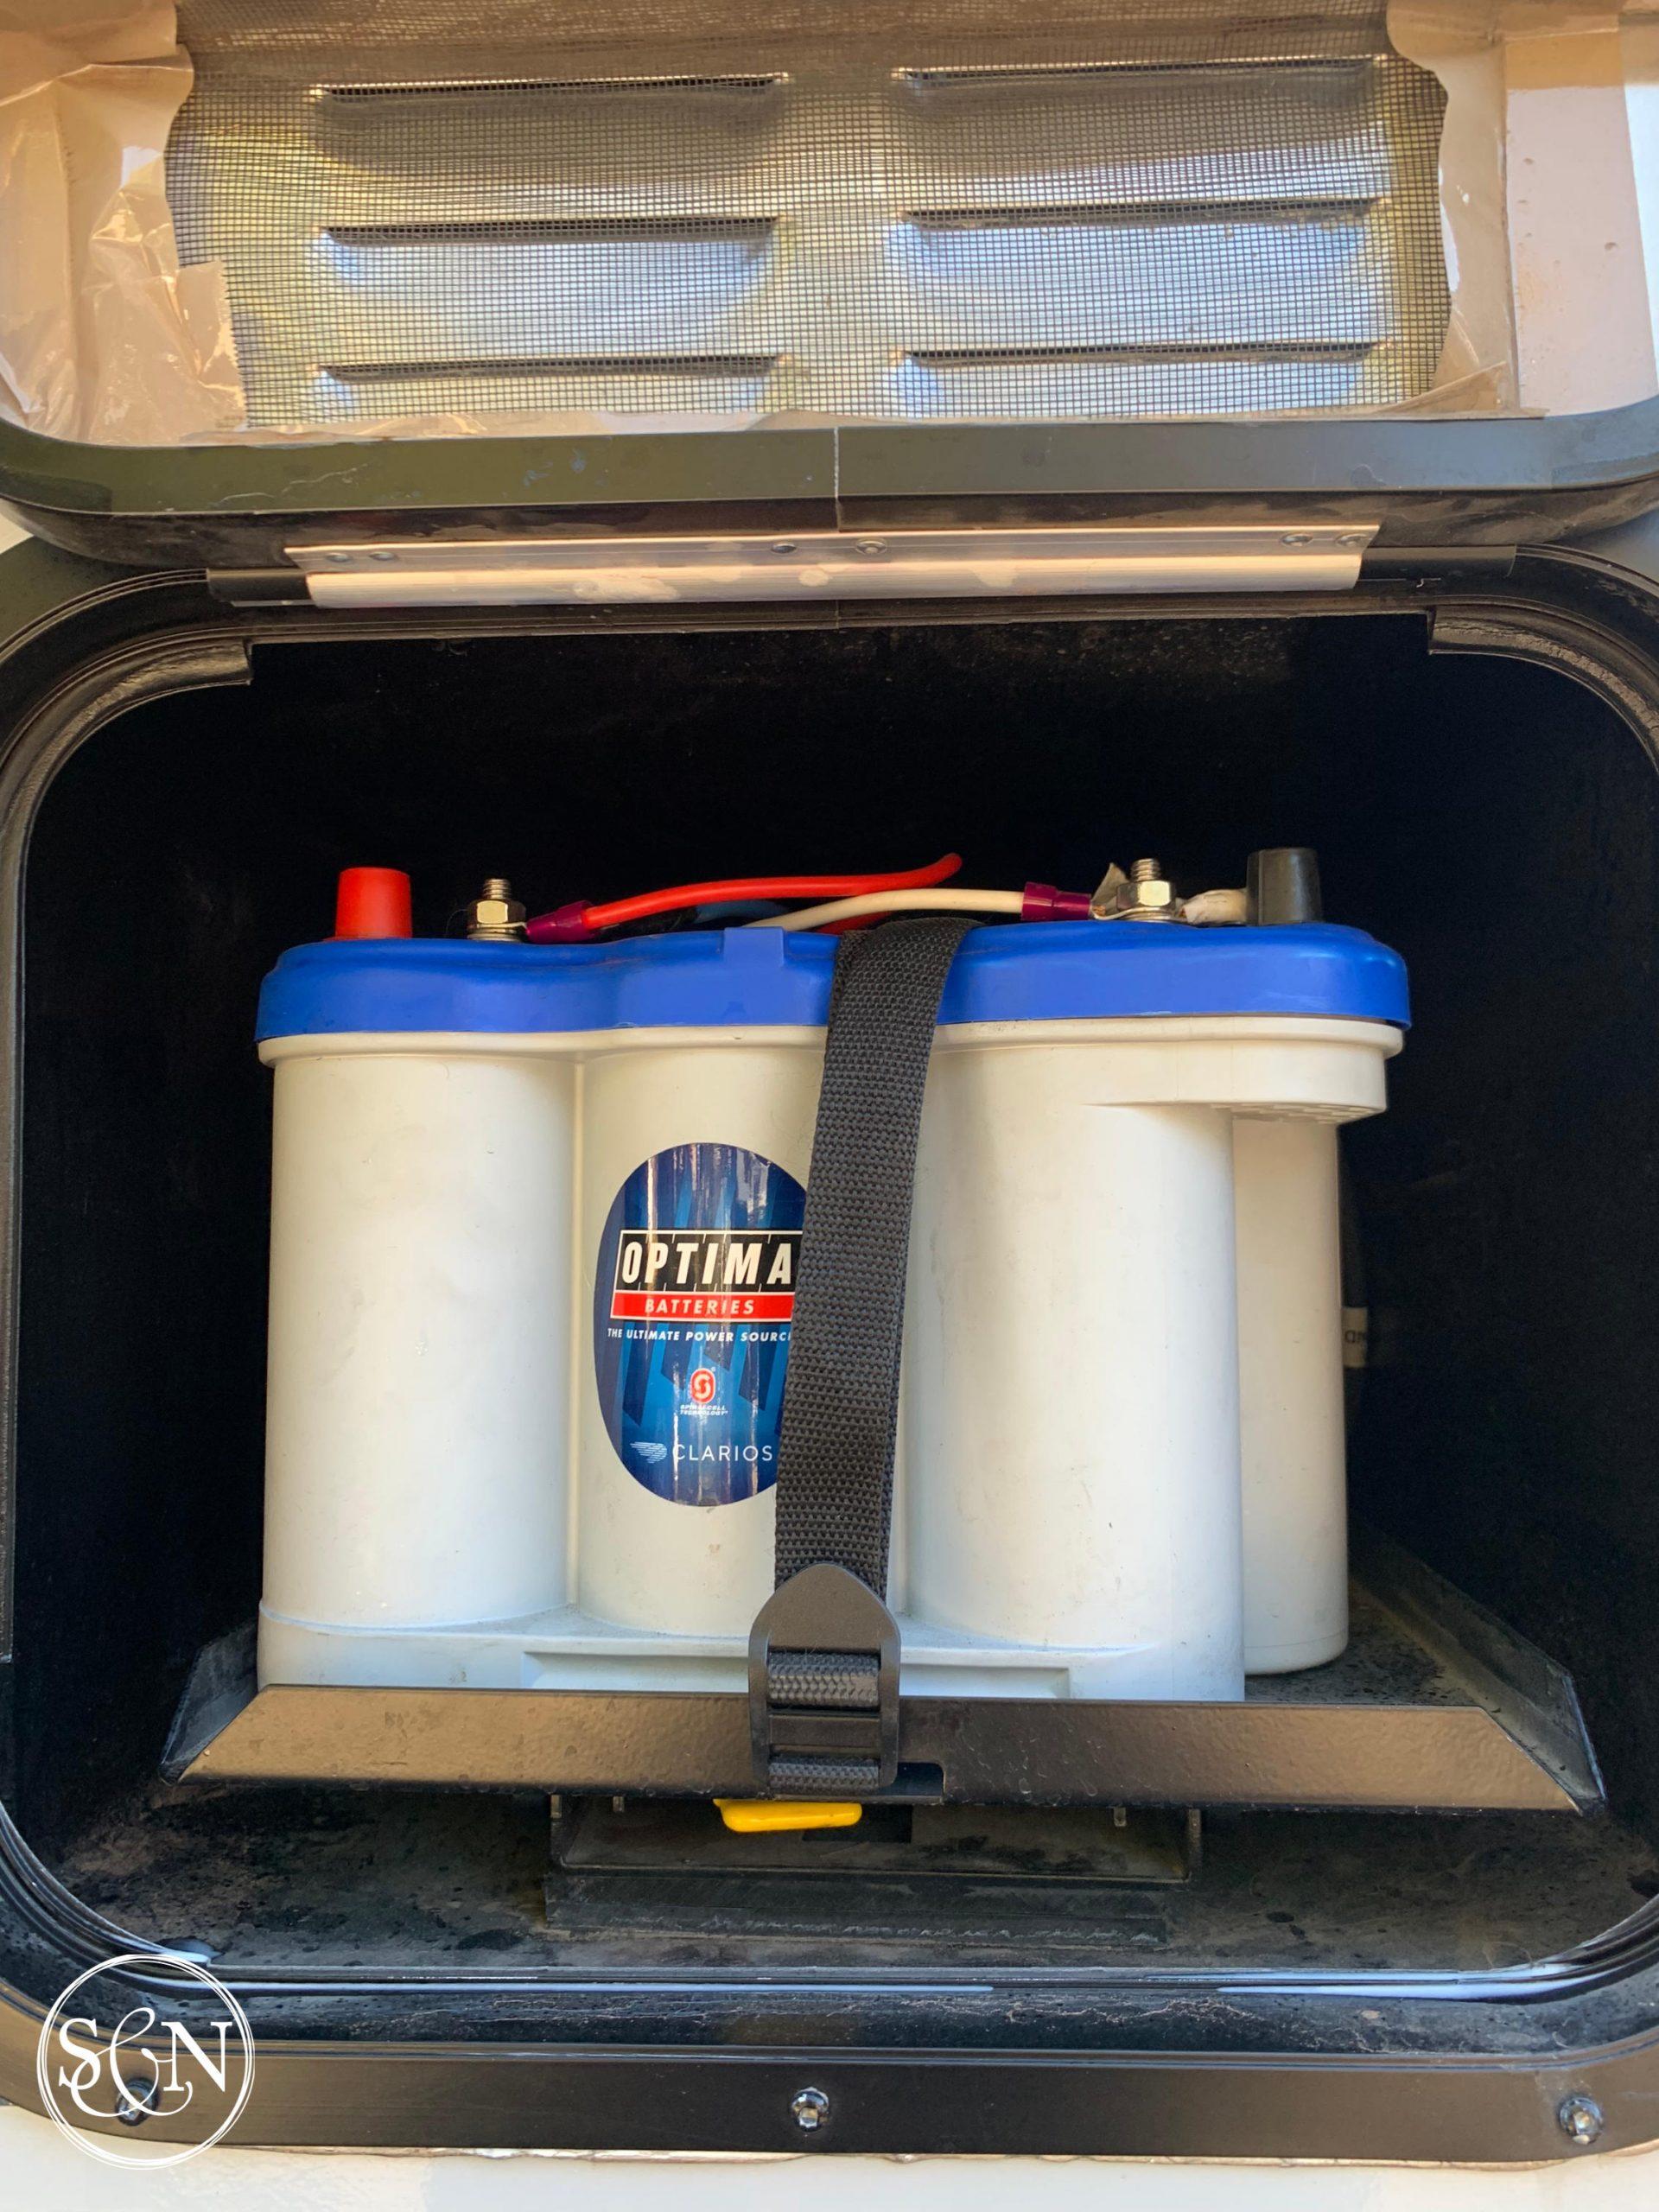 Dead batteries in truck camper